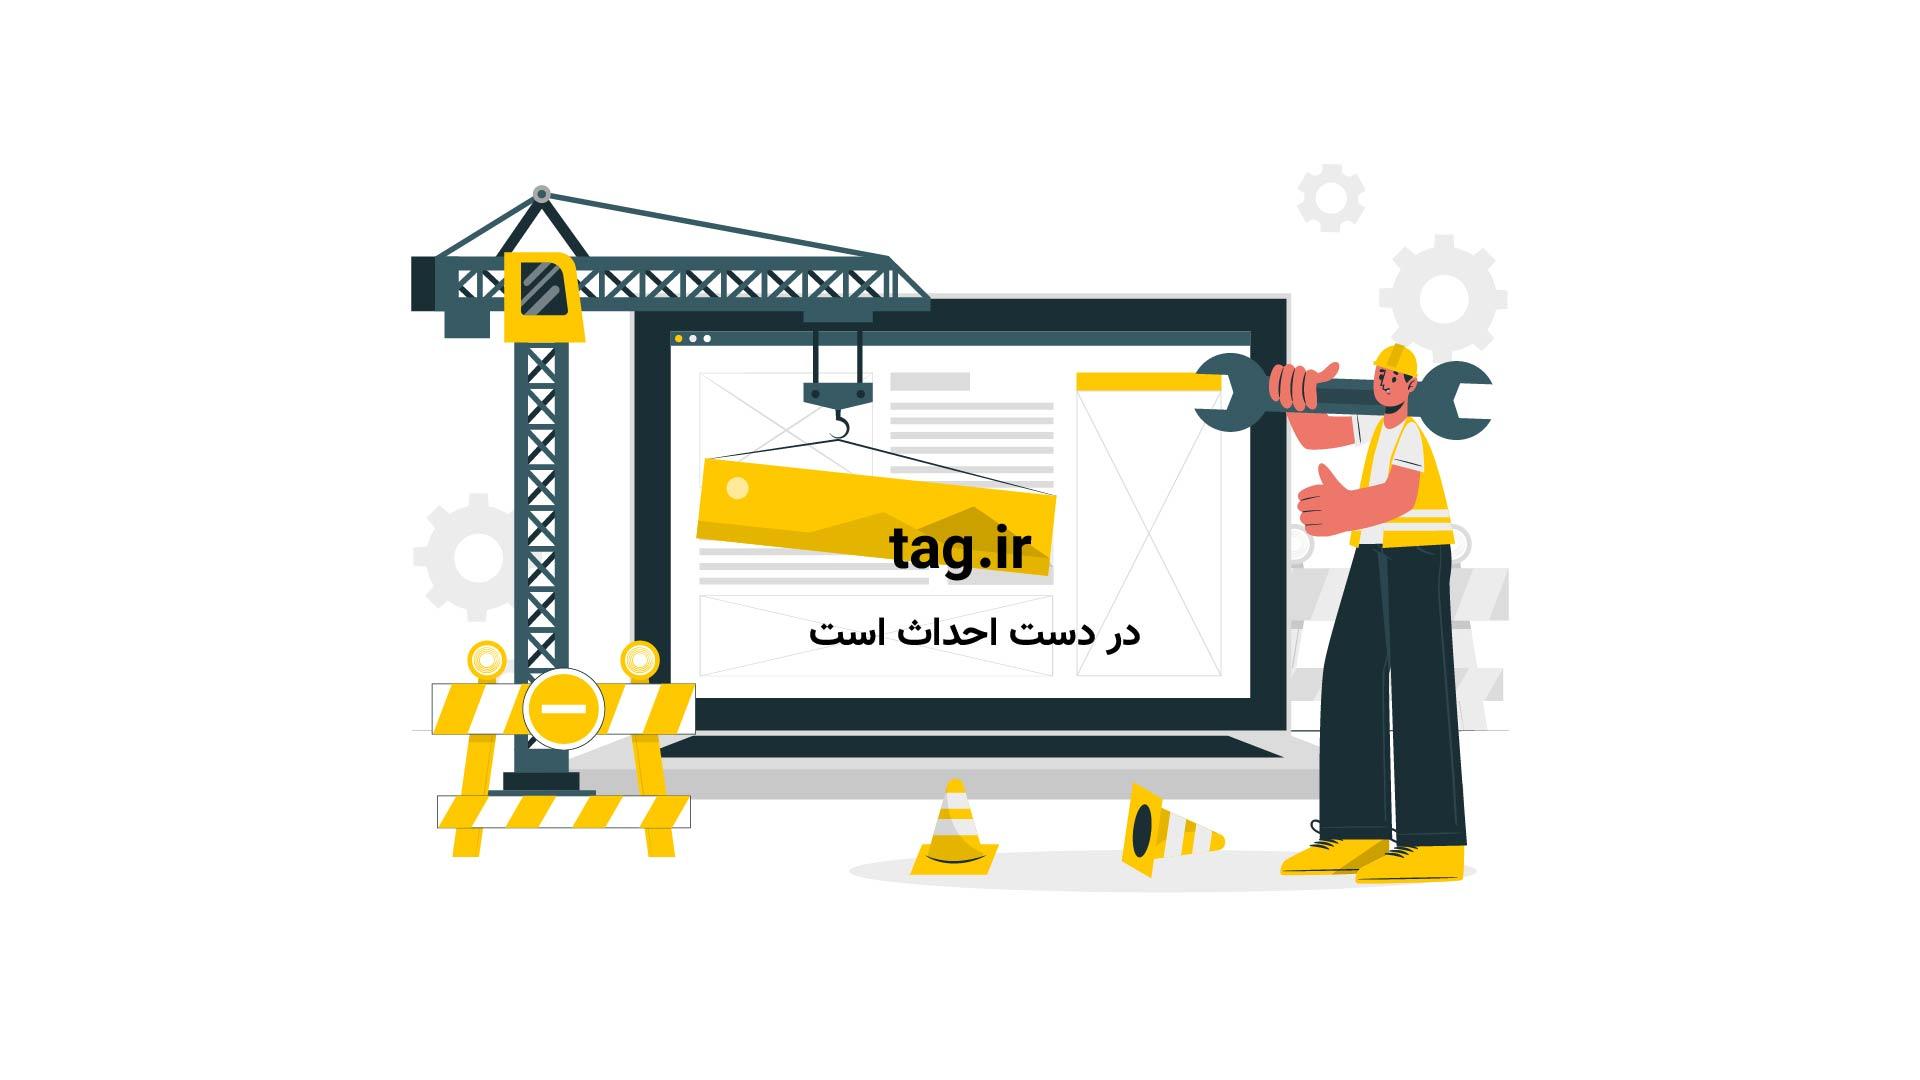 حمله ناگهانی خرس آموزش دیده به مربی|تگ